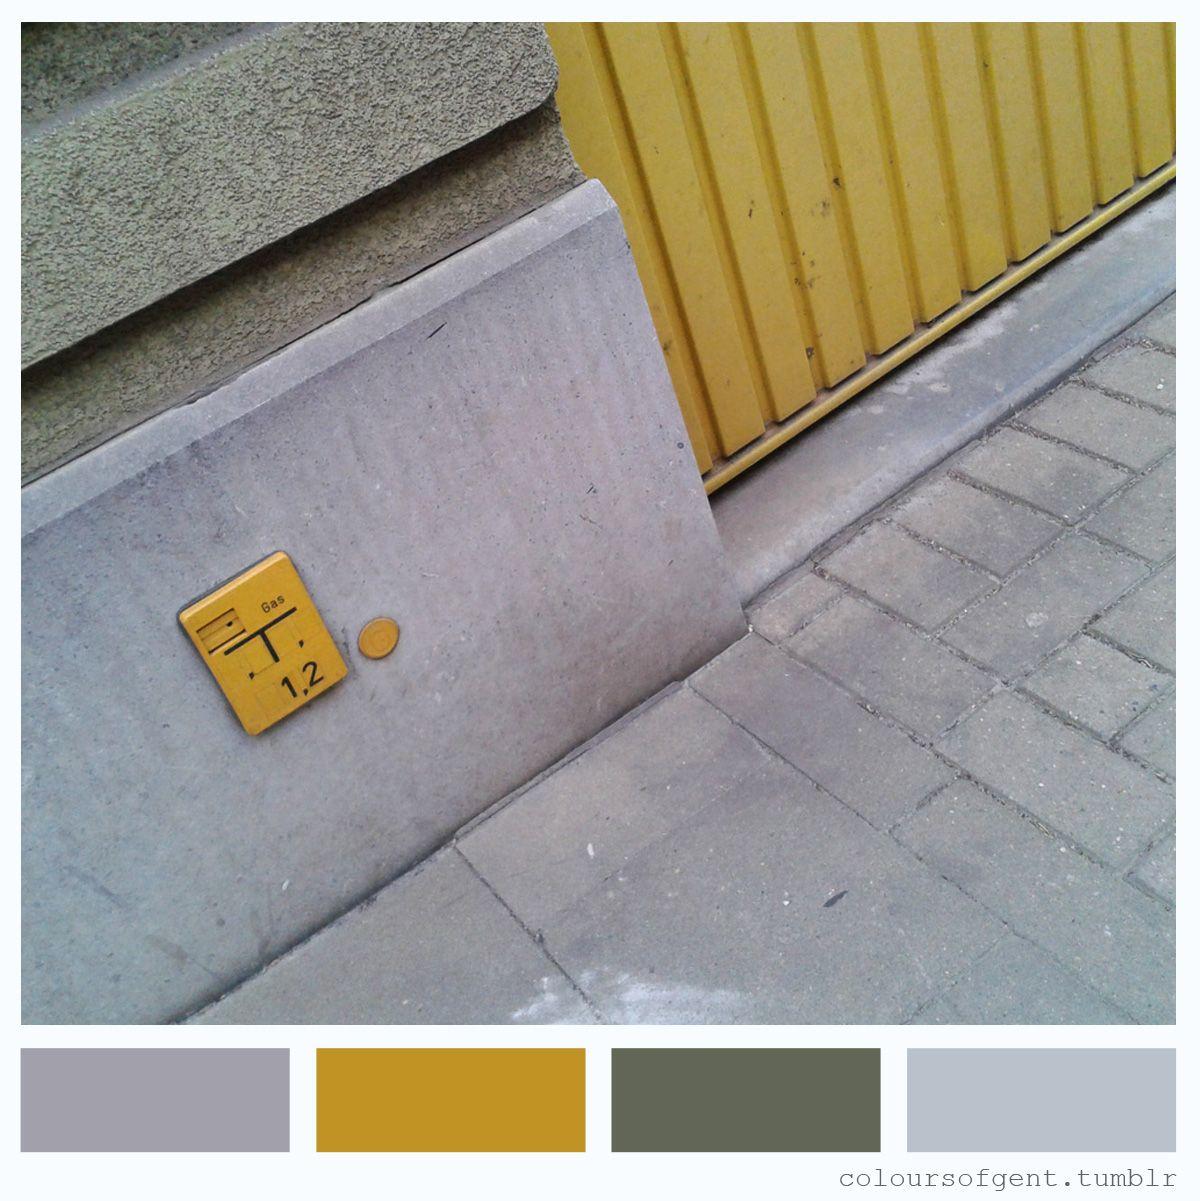 #coloursofgent